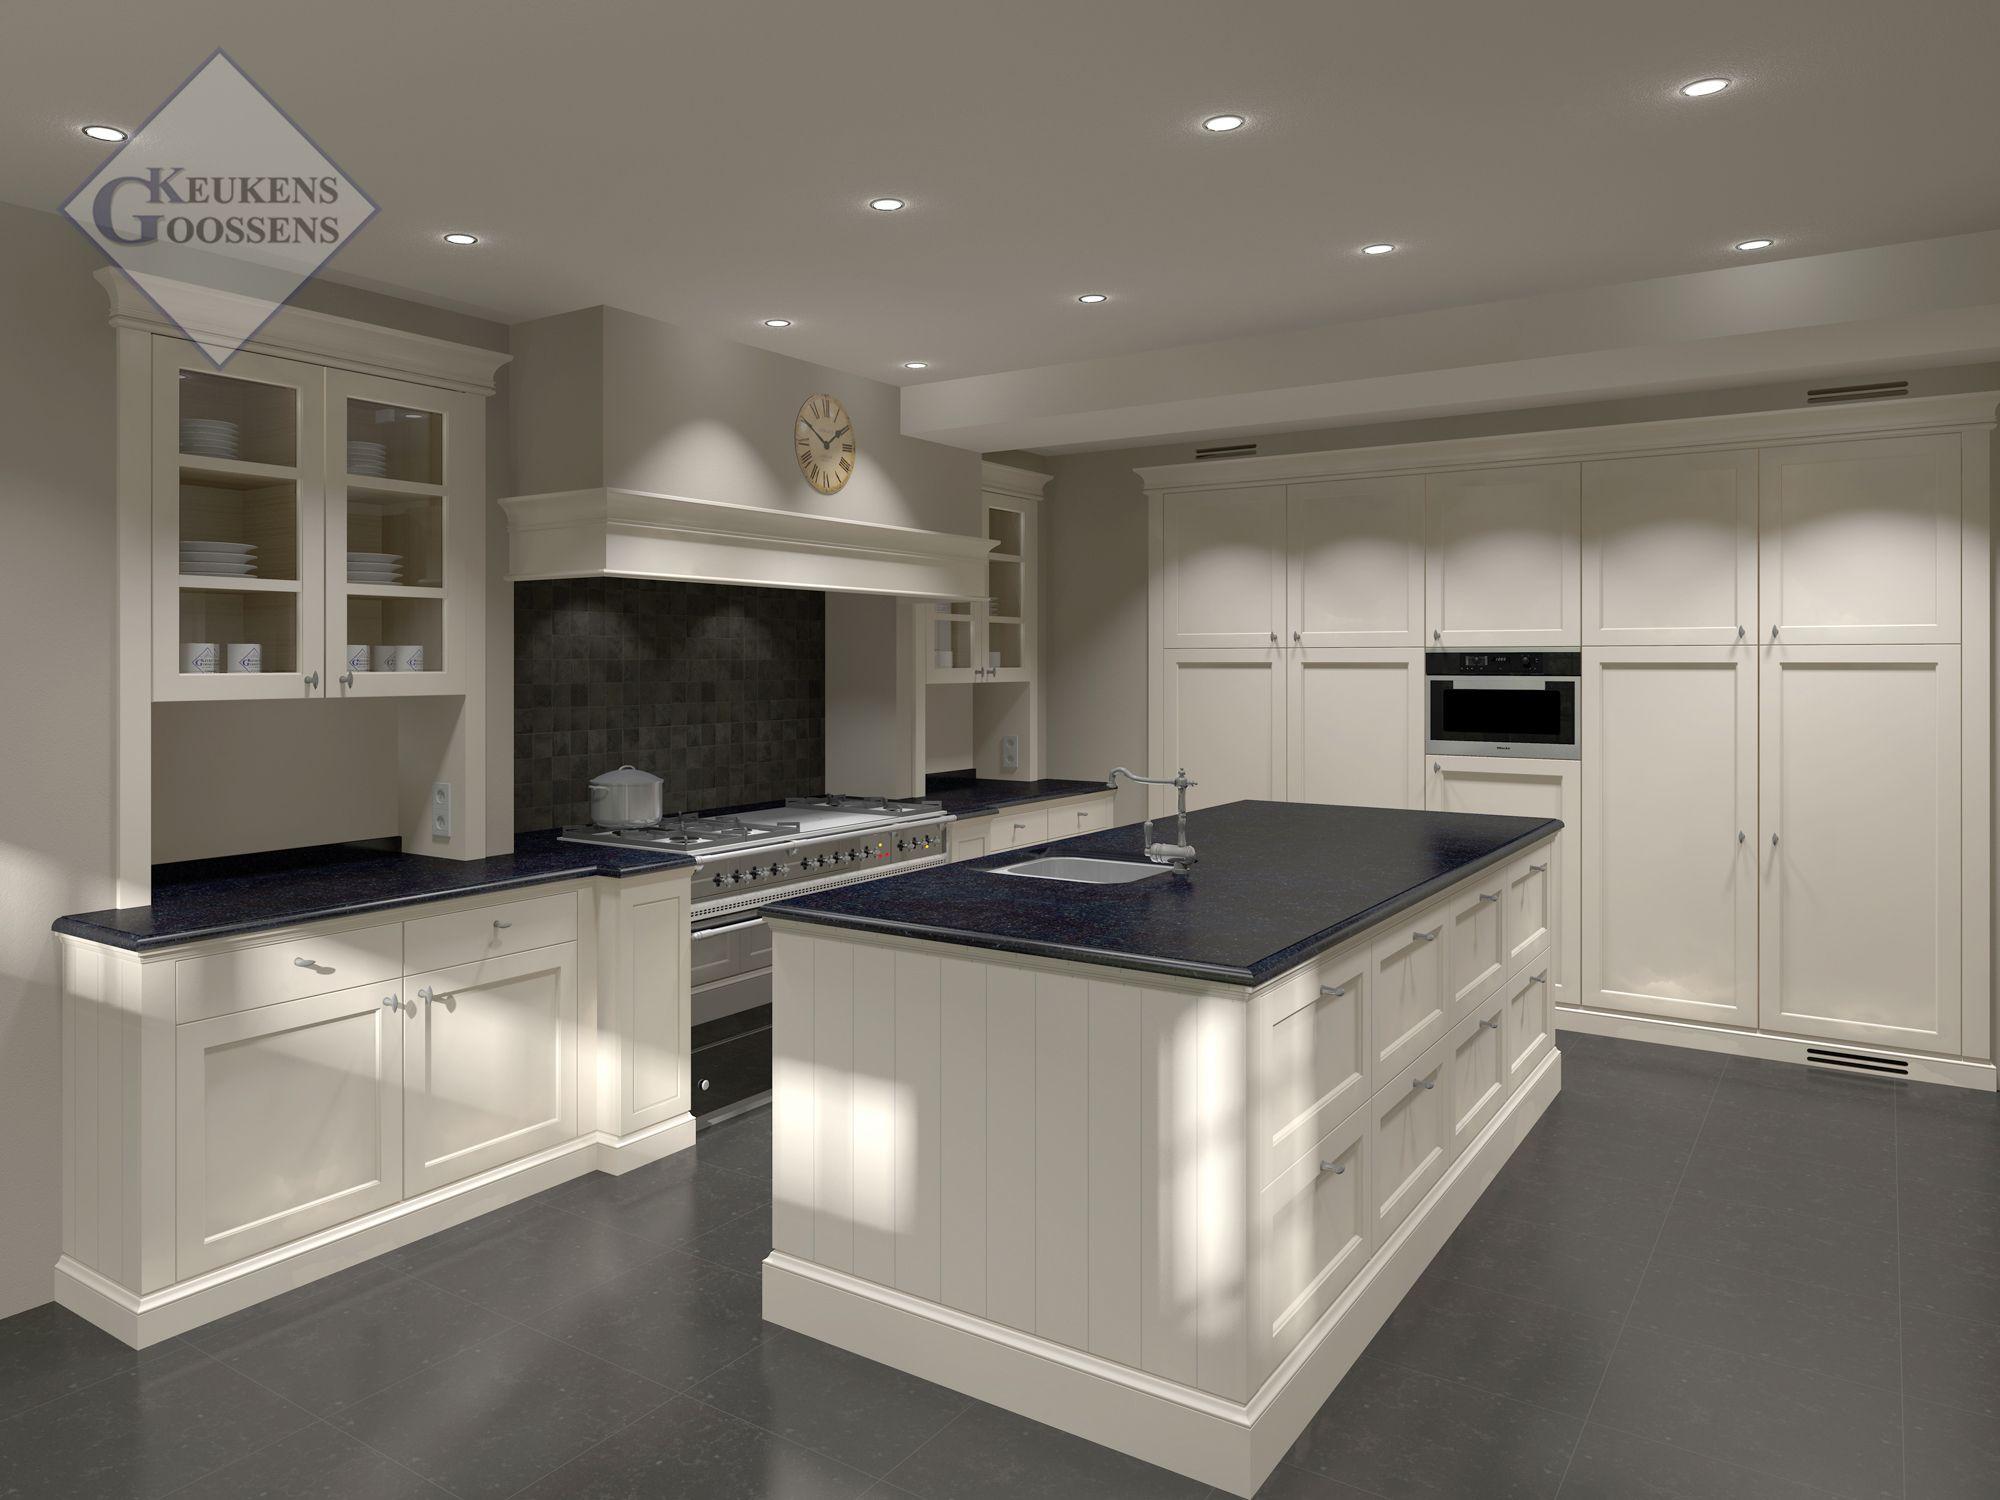 Goossens Keukens Nv Klassieke Keuken Klassieke Keuken Keuken Keukens